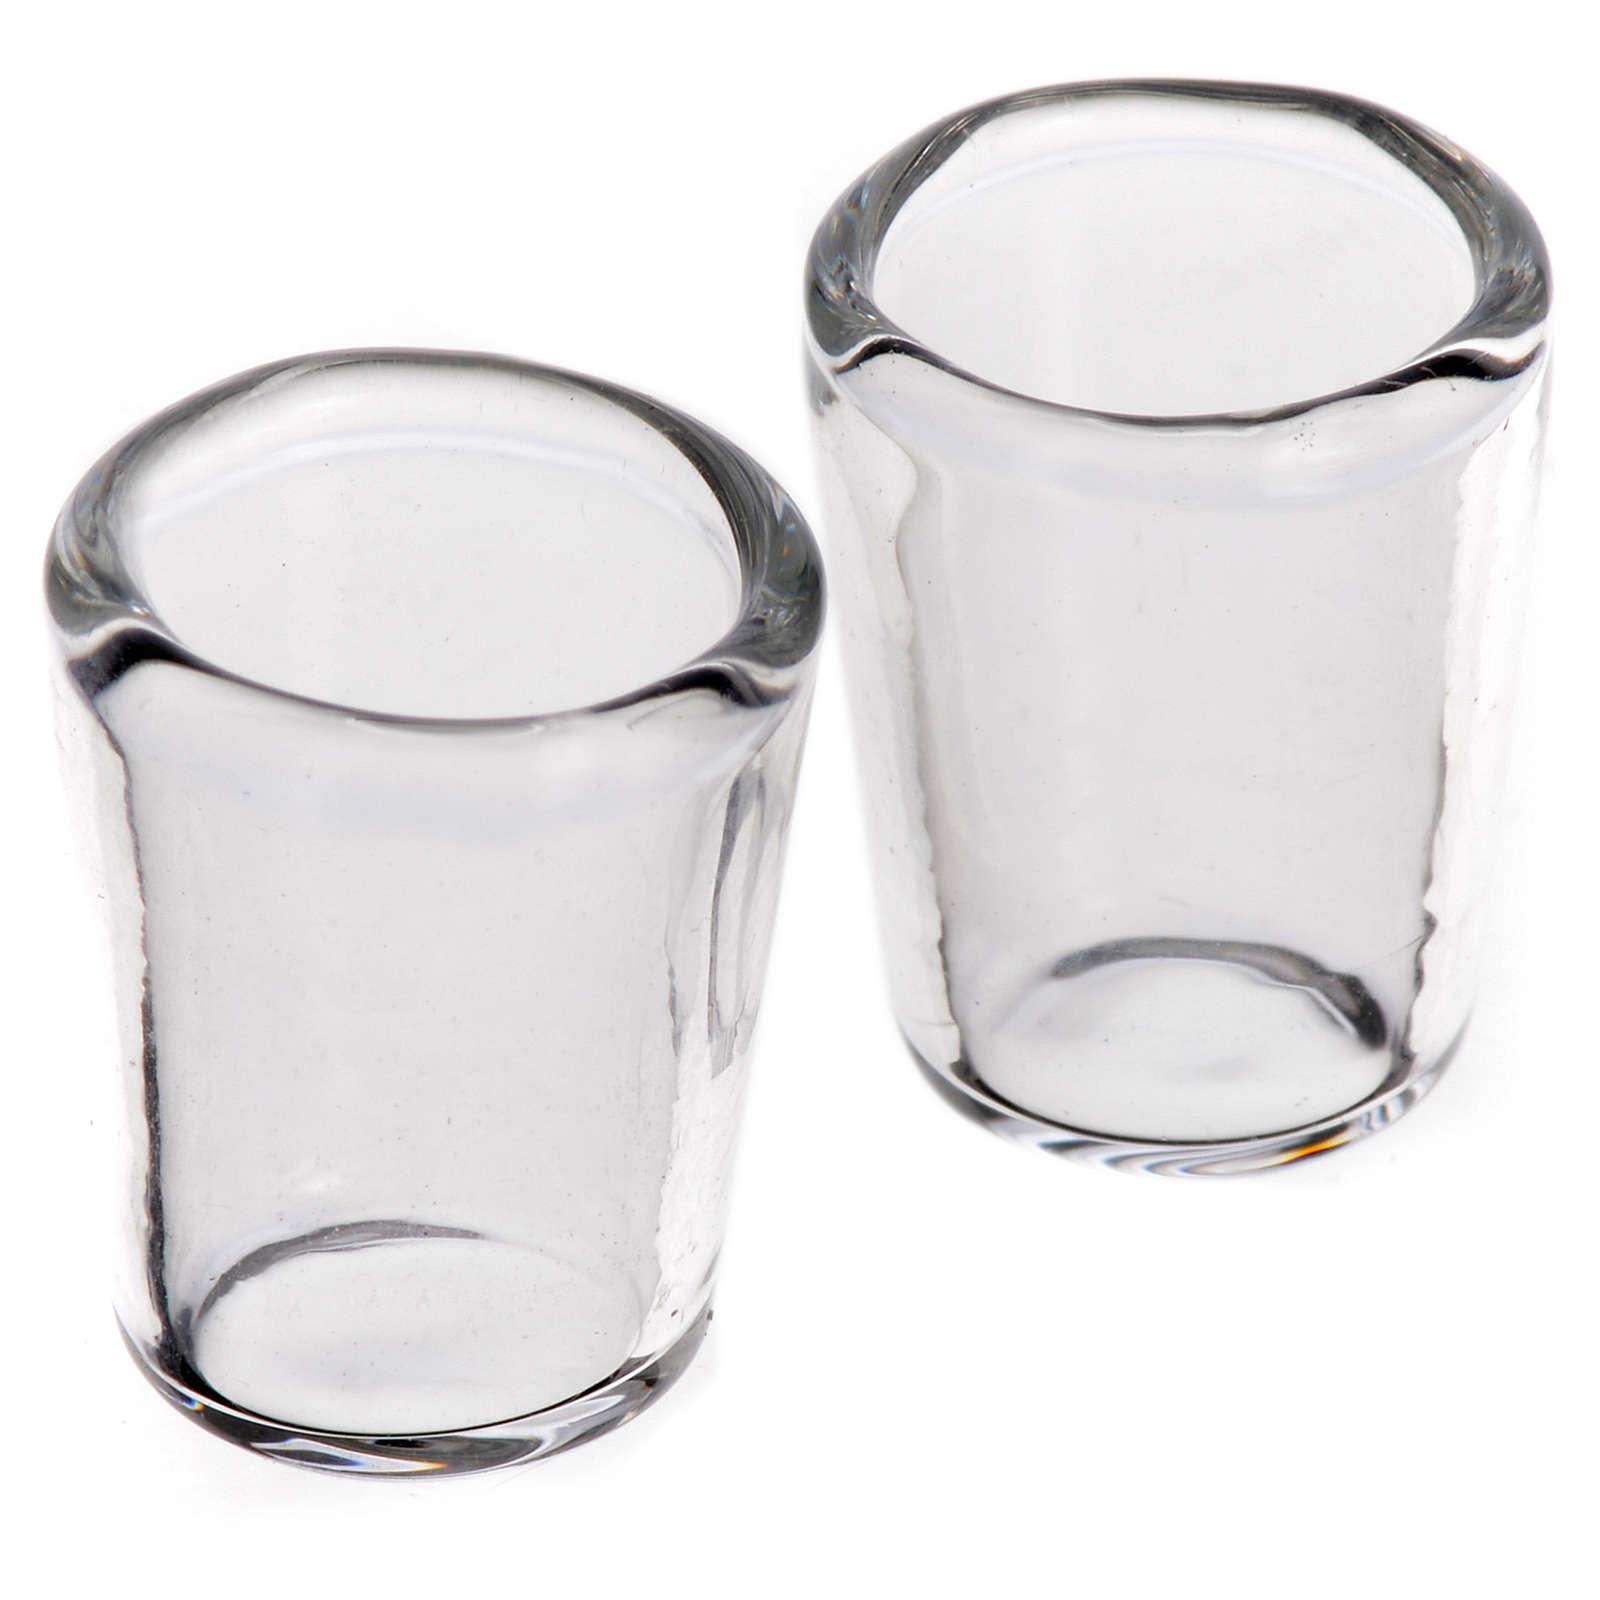 Bicchiere in vetro 0,8x0,5 mm set 2 pz 4